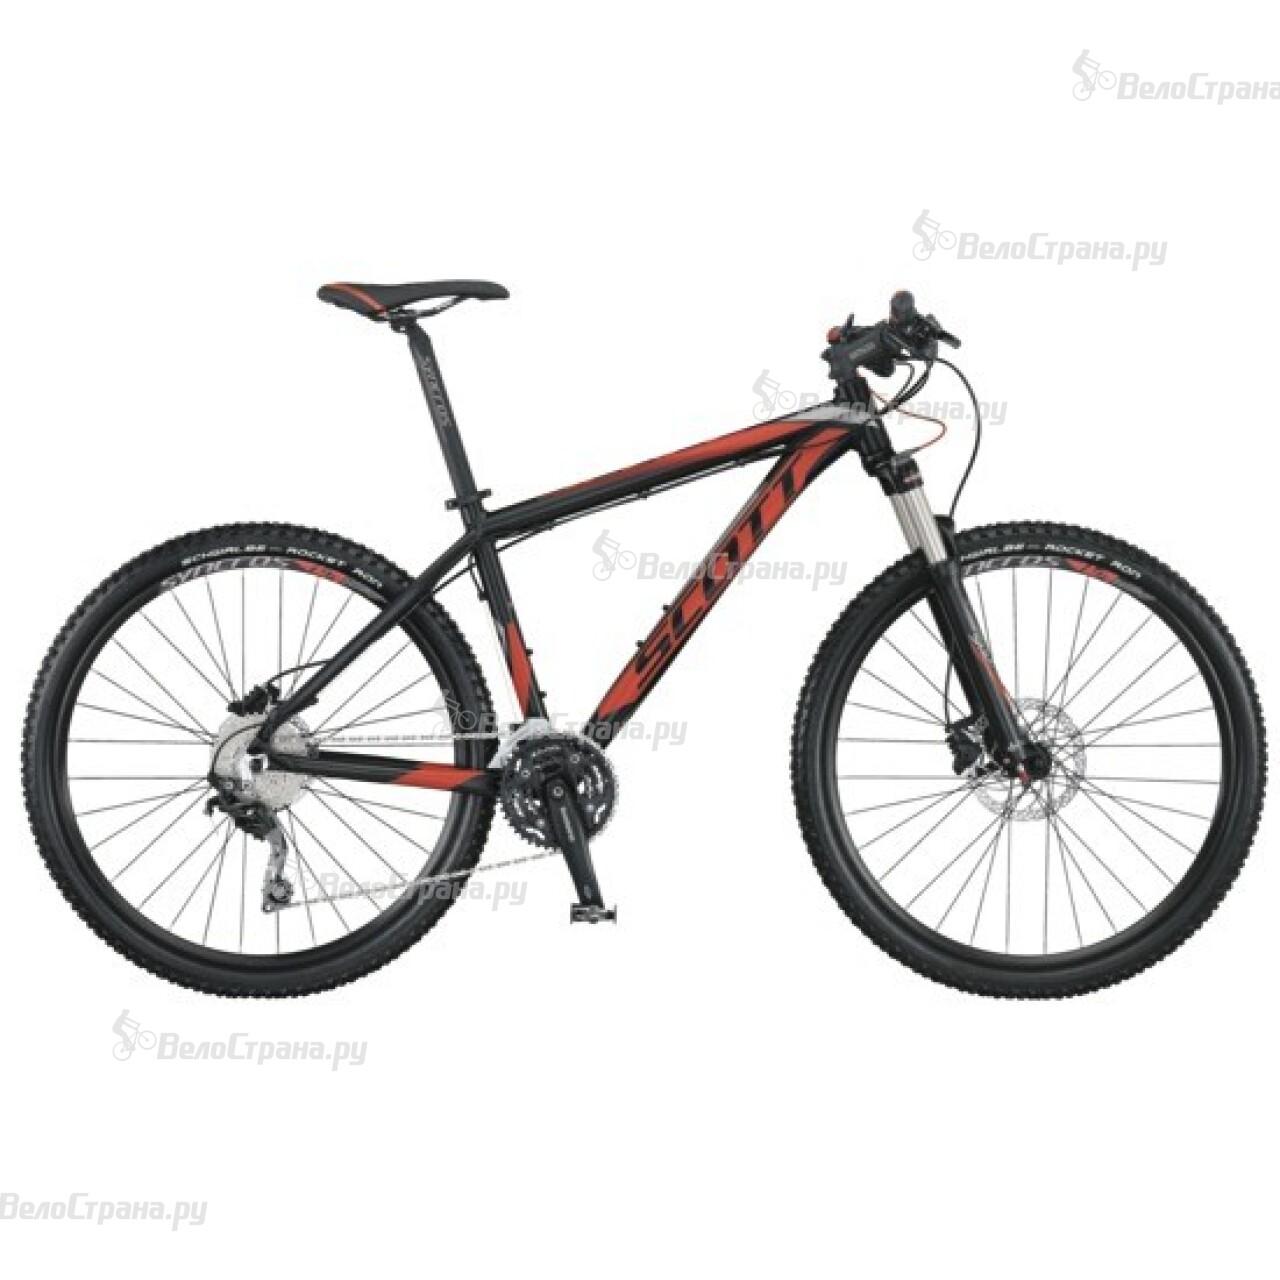 Велосипед Scott Scale 770 (2014) велосипед scott scale junior 26 2016